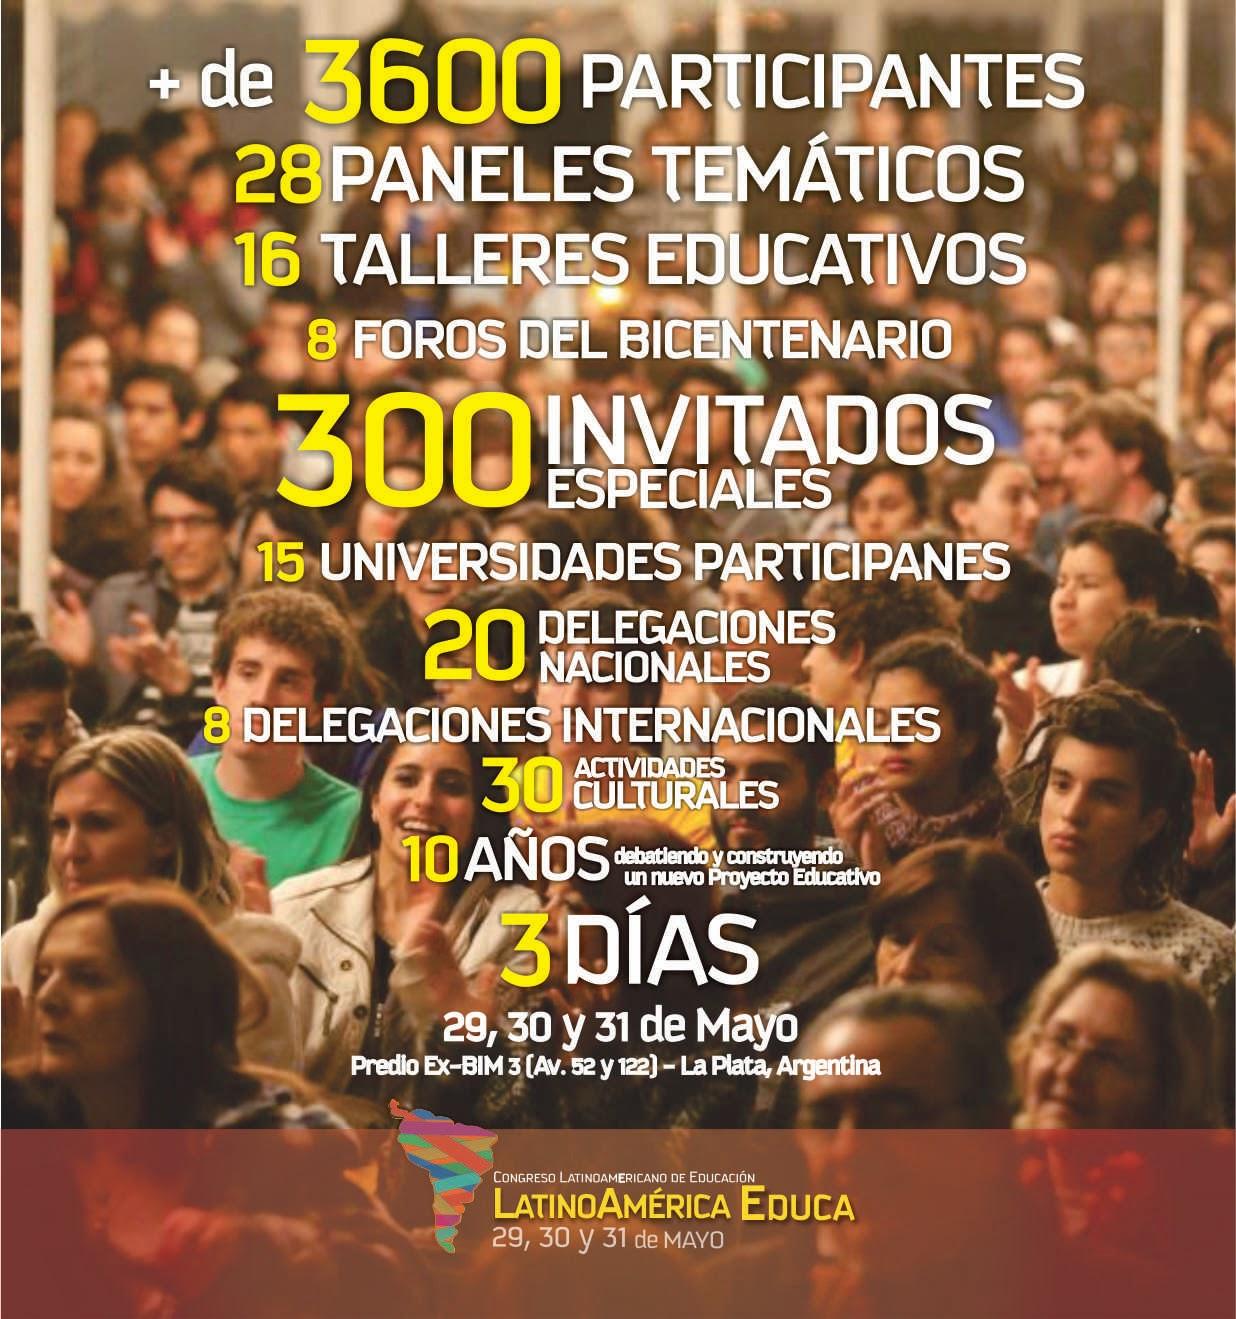 Latniamérica Educa